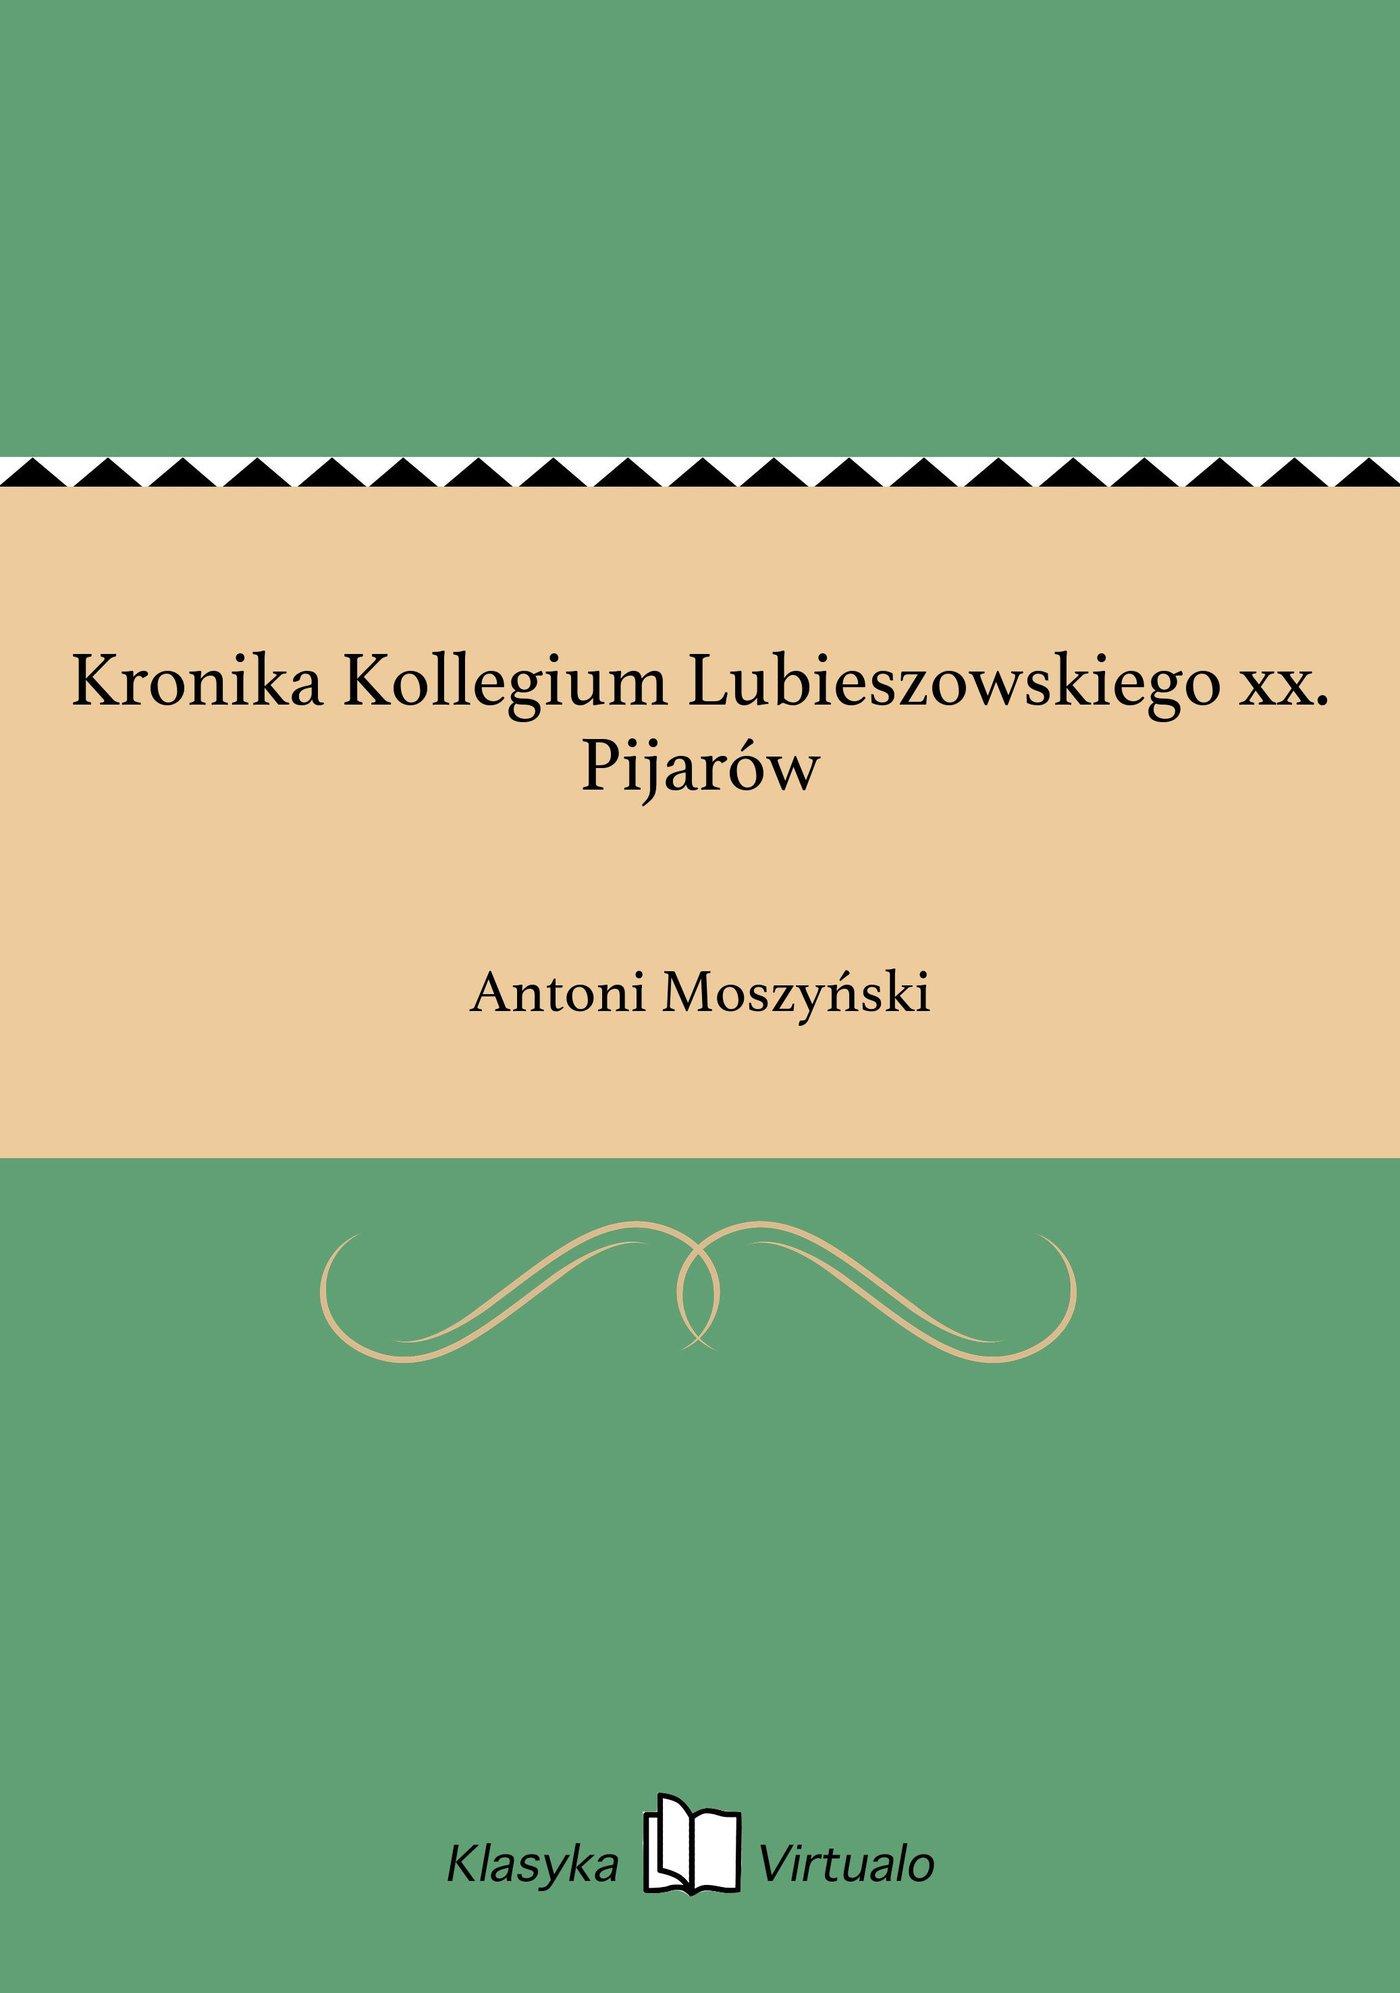 Kronika Kollegium Lubieszowskiego xx. Pijarów - Ebook (Książka EPUB) do pobrania w formacie EPUB